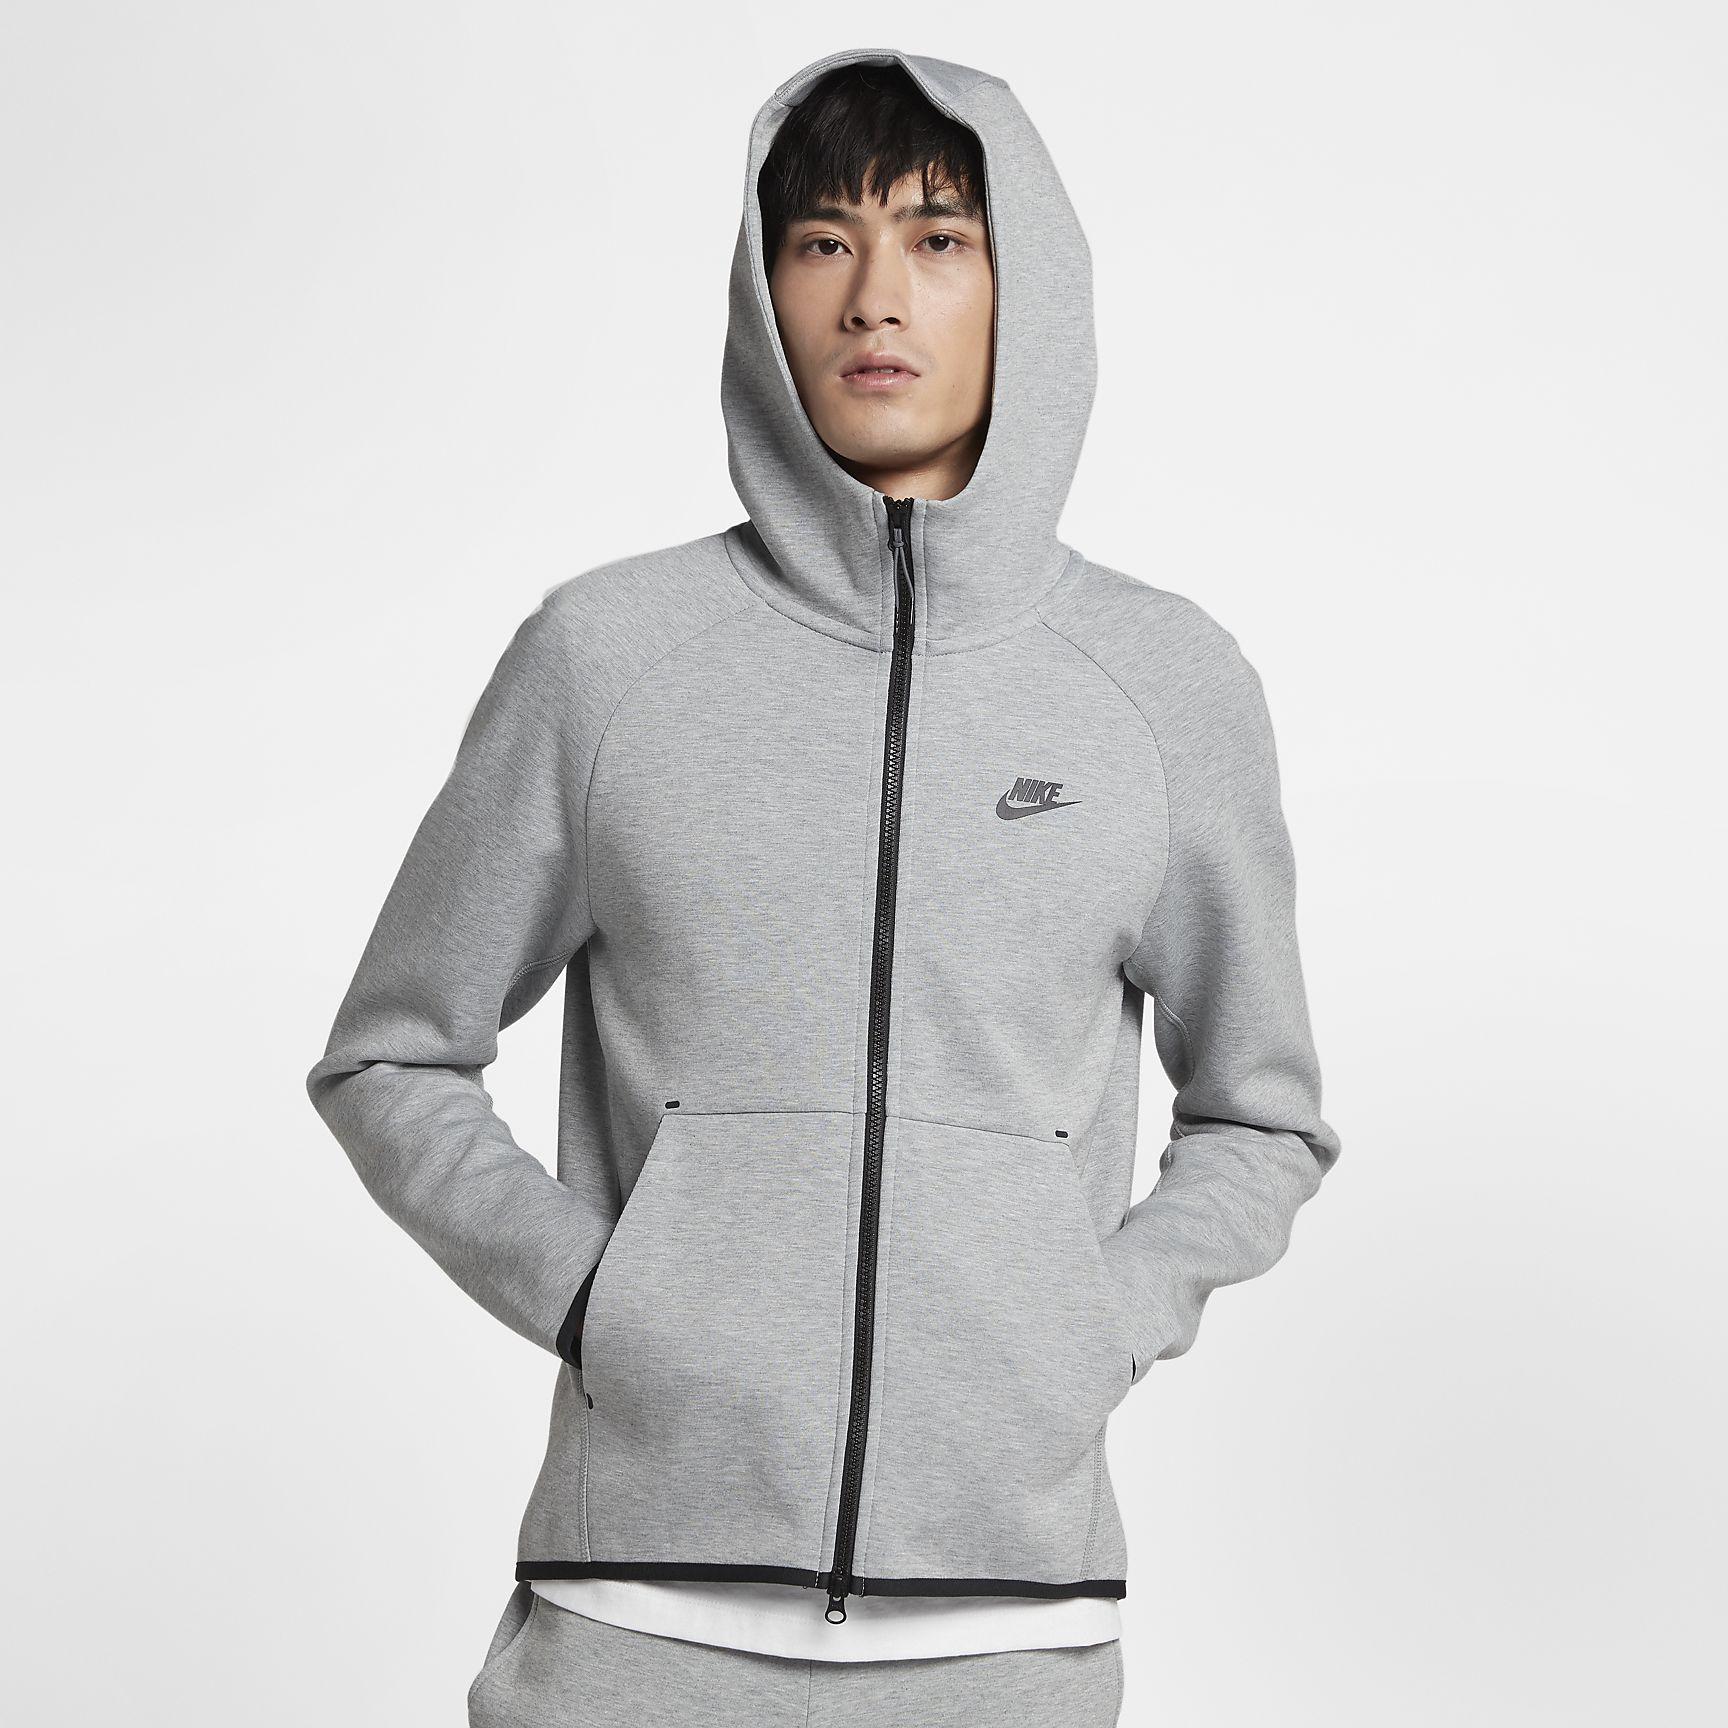 1a9016627fc Nike Sportswear Tech Fleece Hoodie - SPORTING GOODS Sports Hoodies |  Sweatshirts - Superfanas.lt